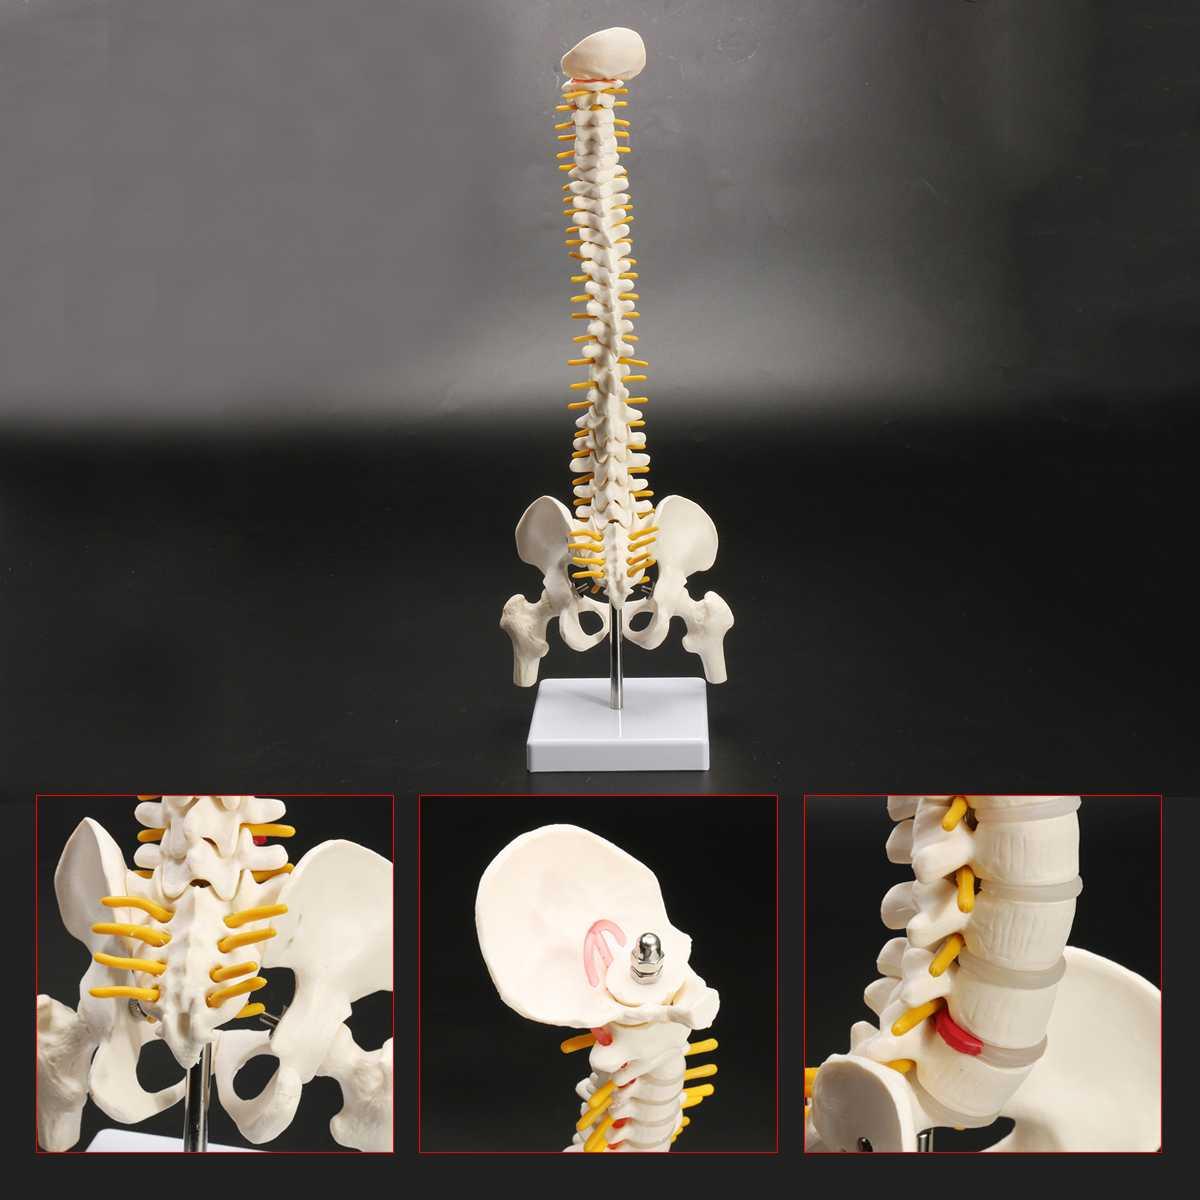 45 CM Colonne Vertébrale Humaine avec Pelvienne Modèle Anatomique Humain Anatomie Colonne Vertébrale Modèle Médical colonne vertébrale modèle + Stand Fexible